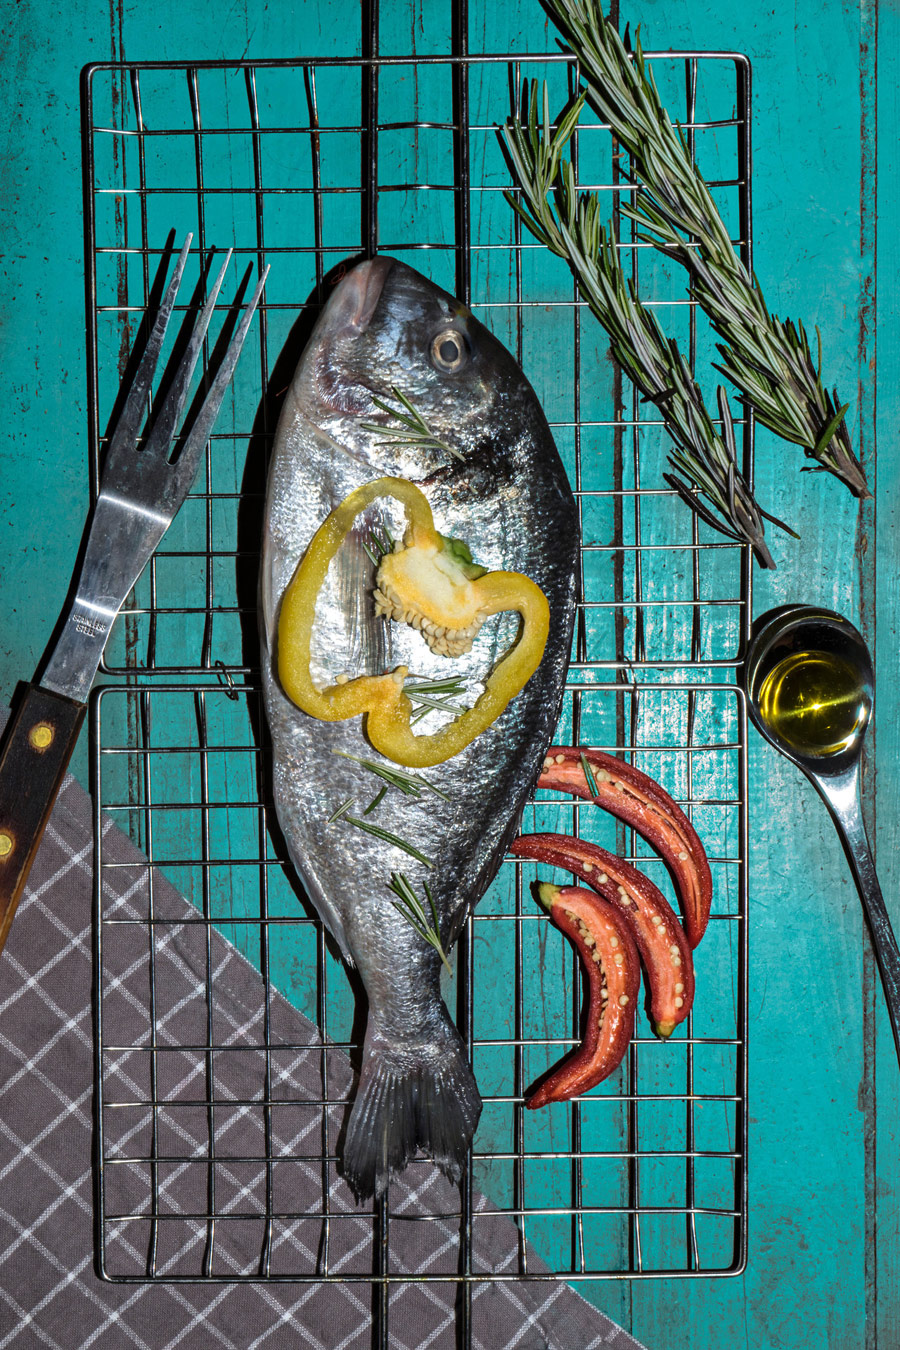 Красочный аппетит, © Микаэла Виссинг, Аахен, Германия, Первое место в категории «Редакционная» : любитель, Конкурс фотографий еды «Вкус» — Taste